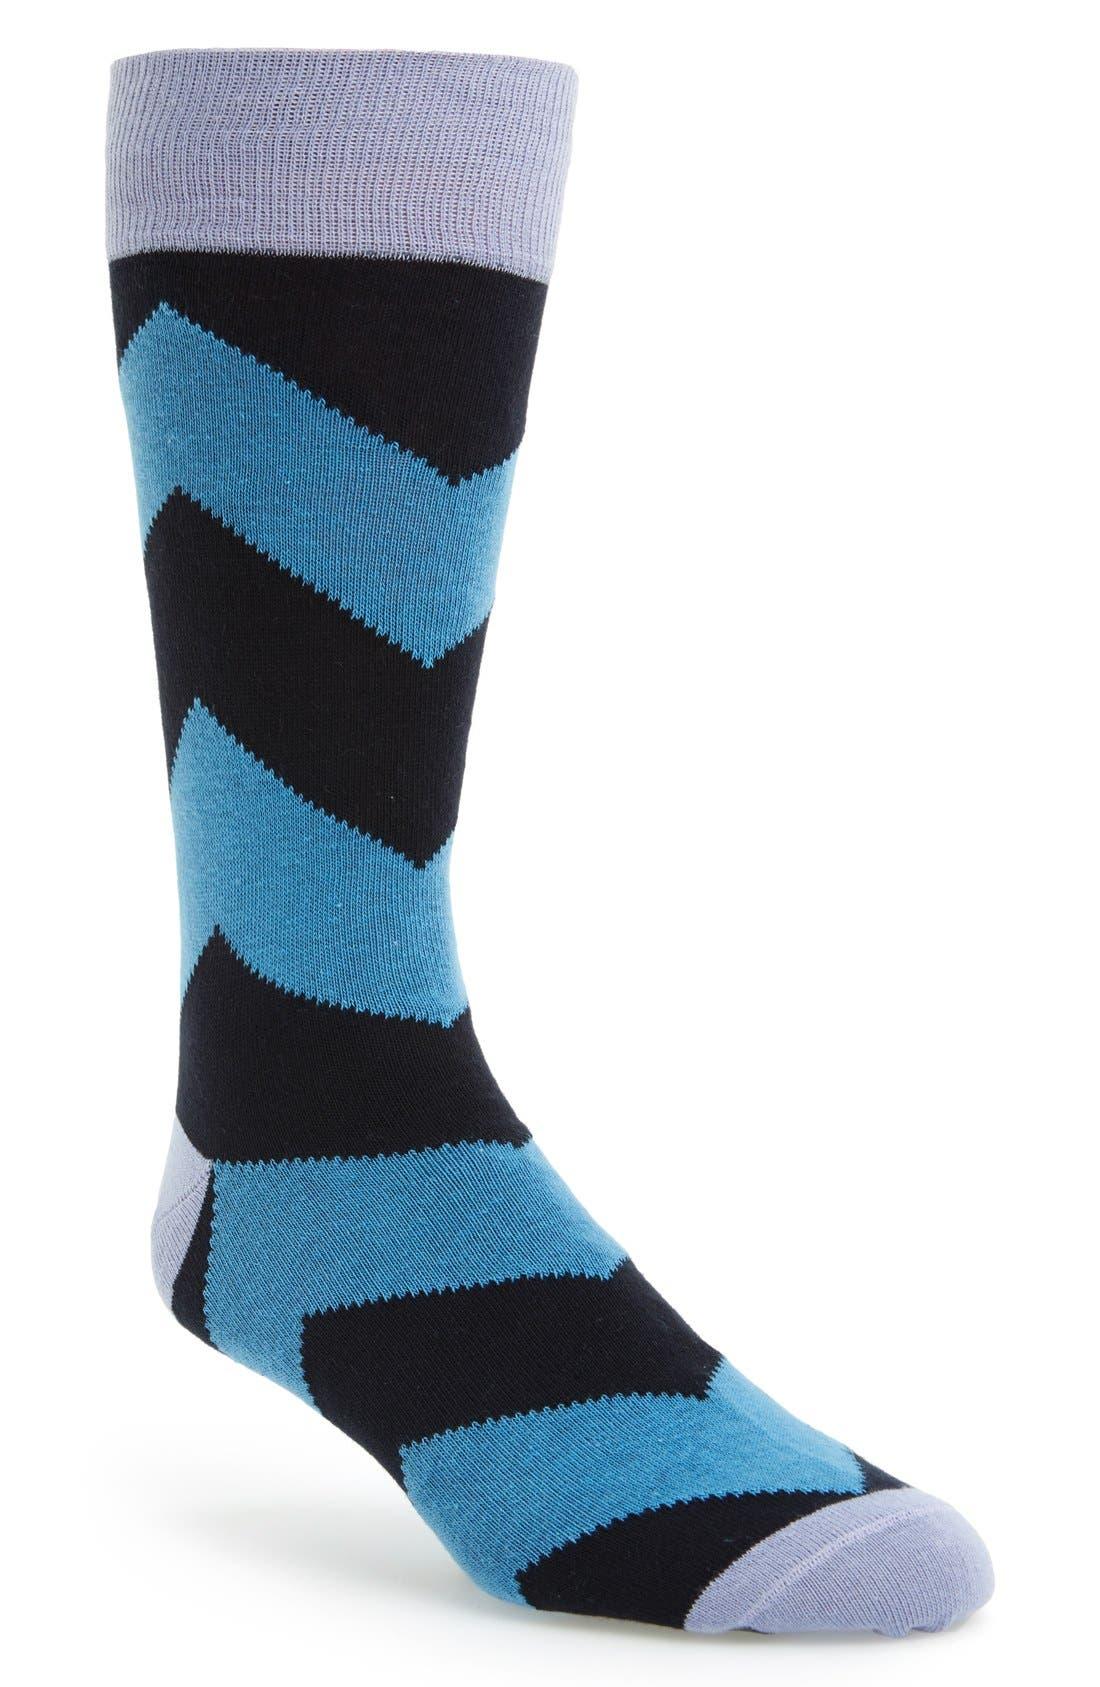 Chevron Stripe Socks,                             Main thumbnail 1, color,                             Blue/ Lavender